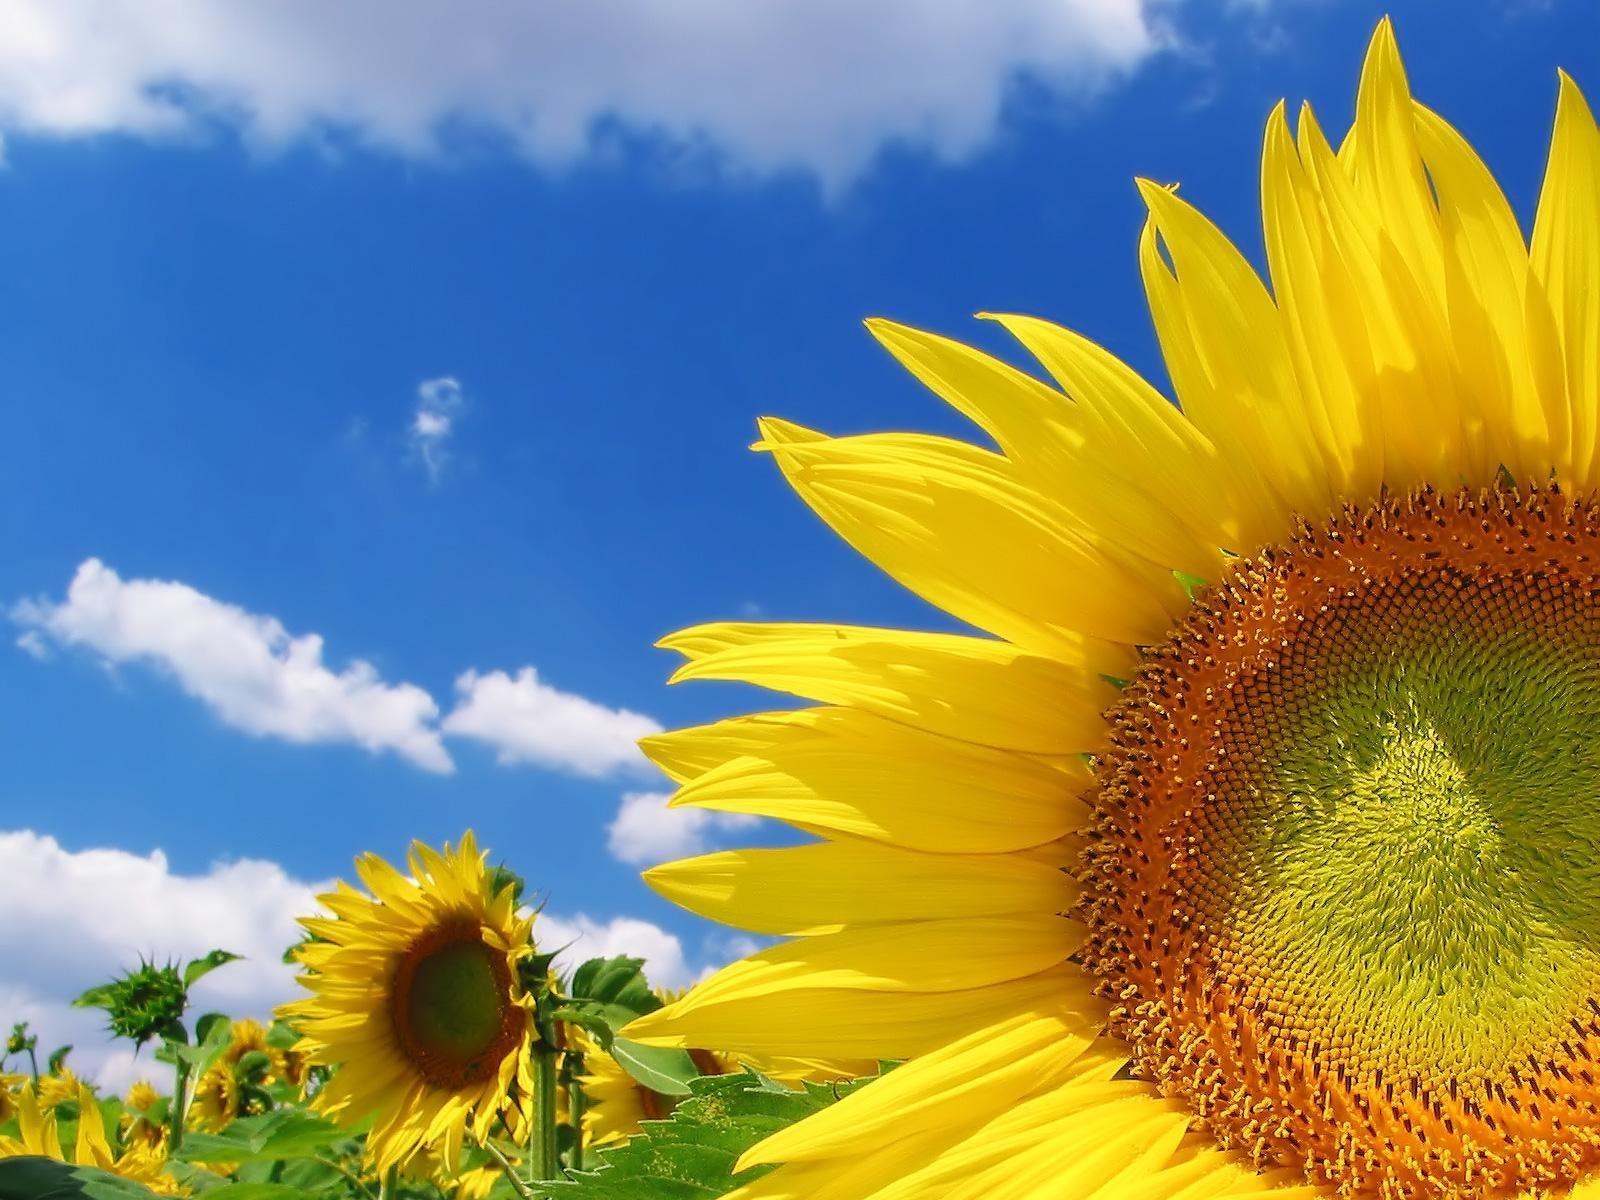 5878 免費下載壁紙 植物, 花卉, 向日葵 屏保和圖片